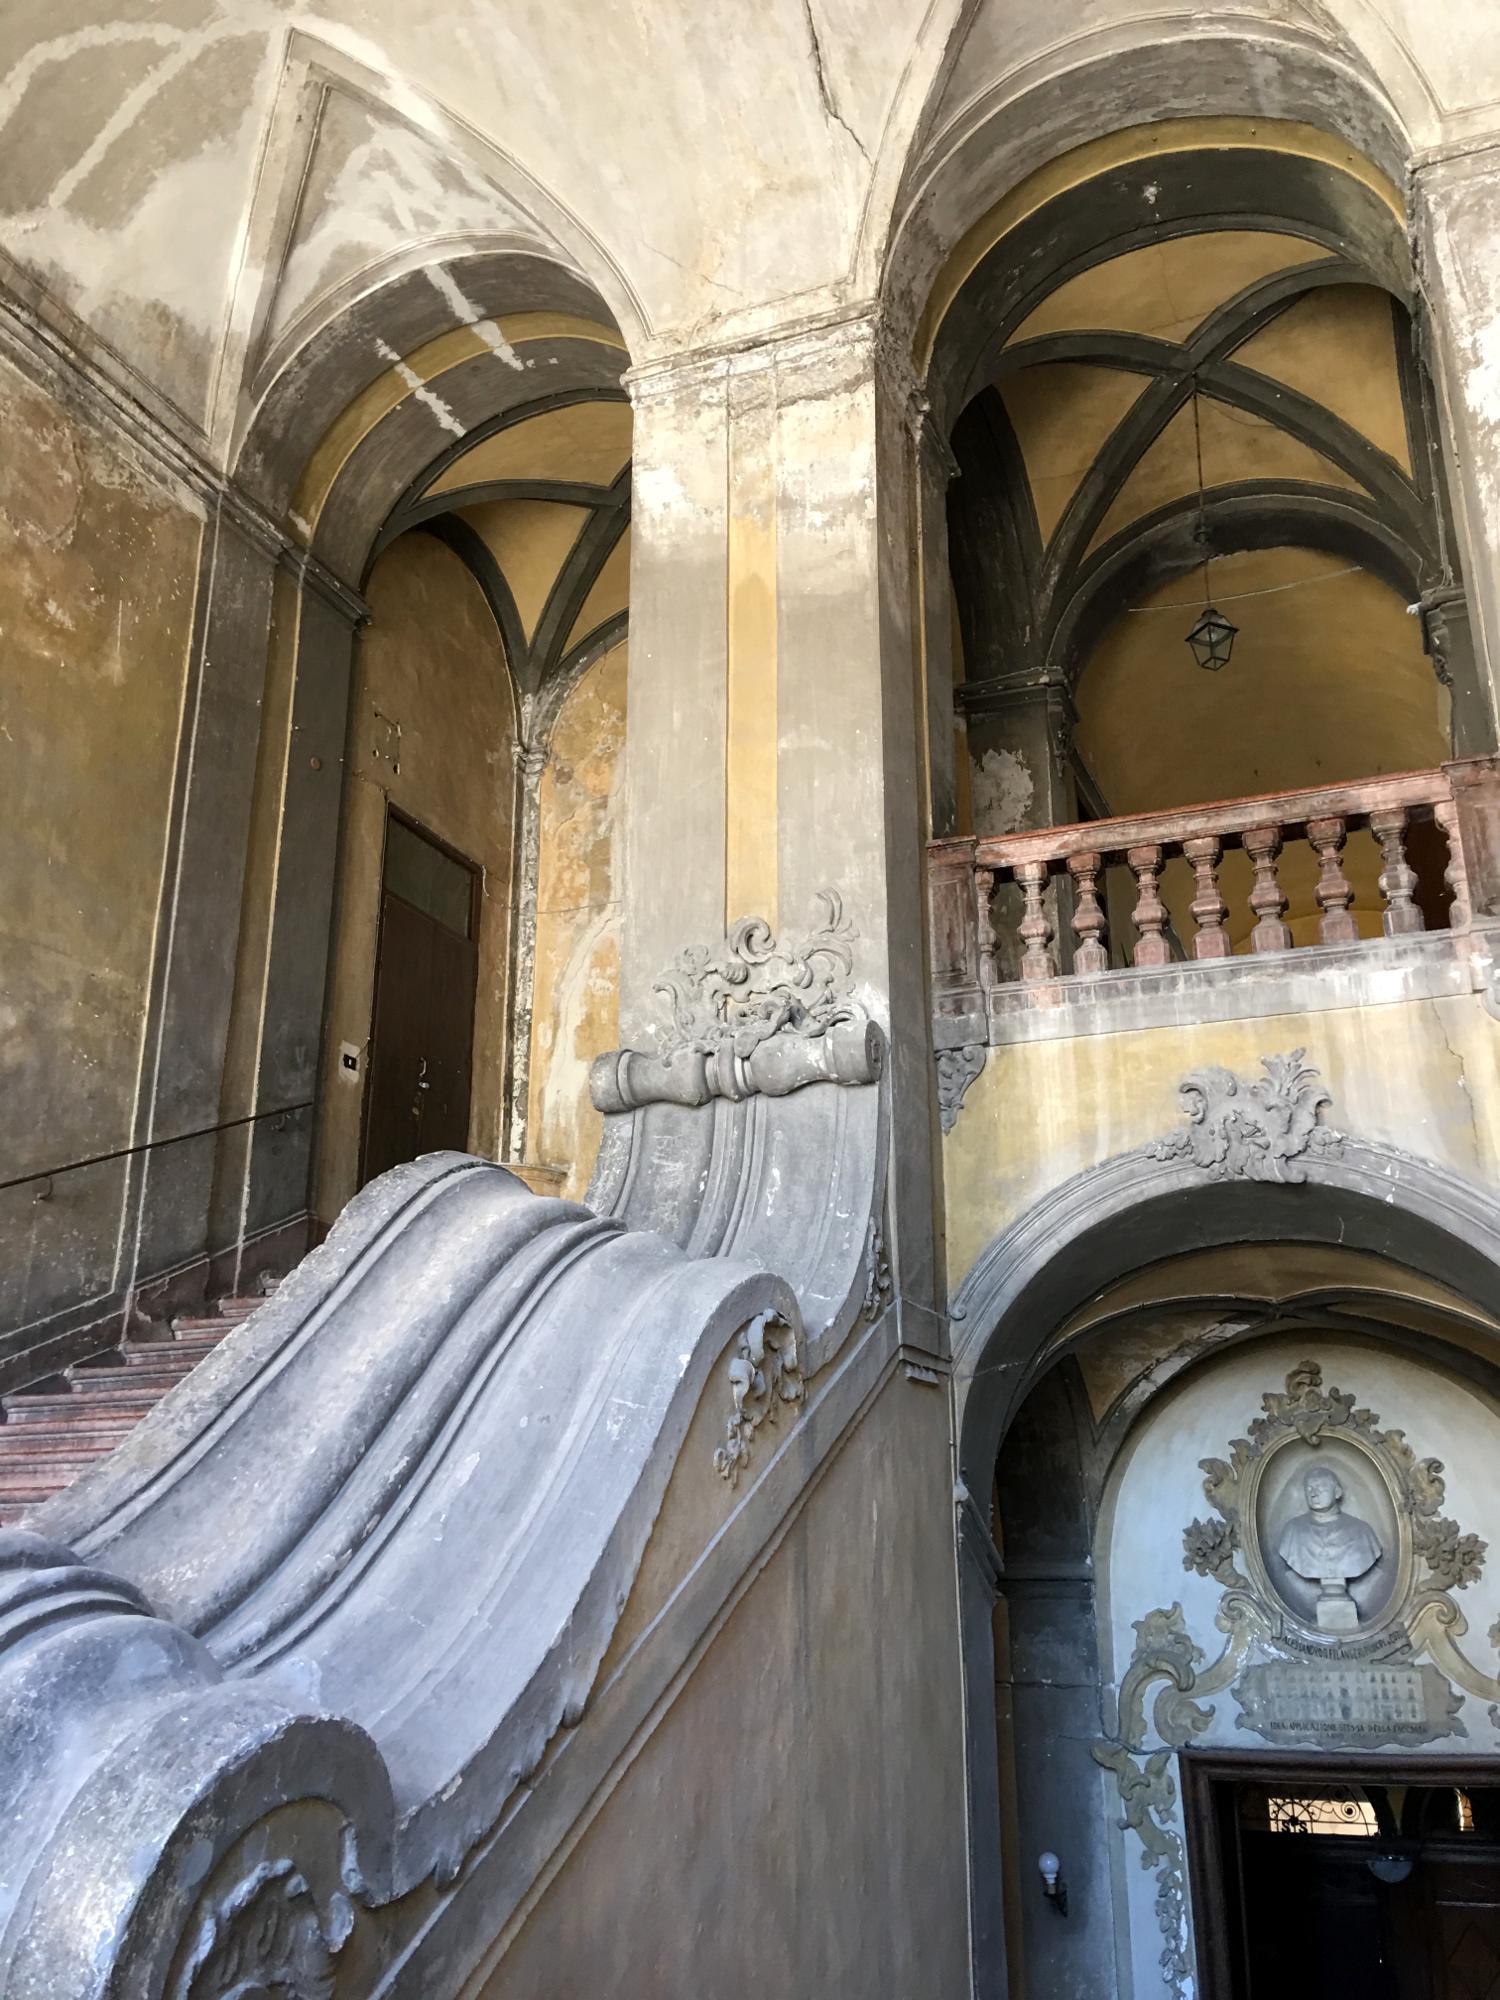 rocaille-blog-sicilia-palermo-ex-palazzo-cuto-scalone-72